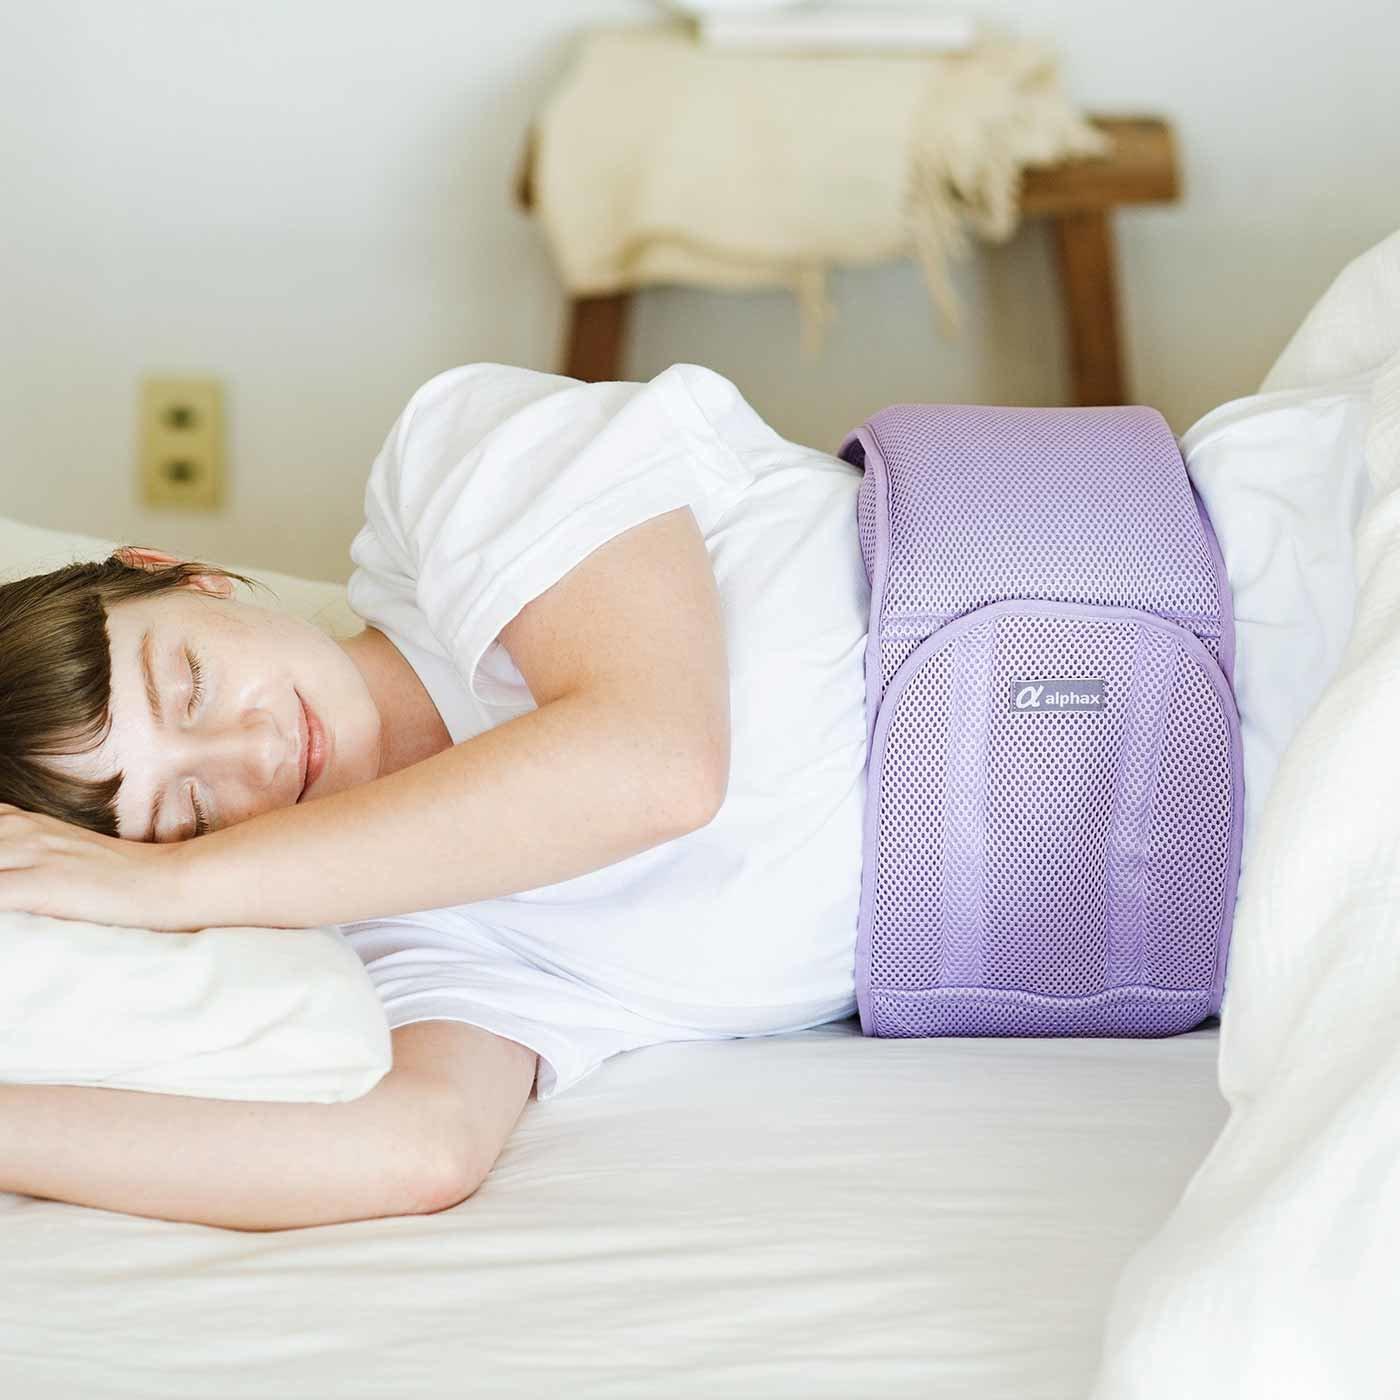 ふんわりパッドで朝まで快適 おやすみ腰まくら